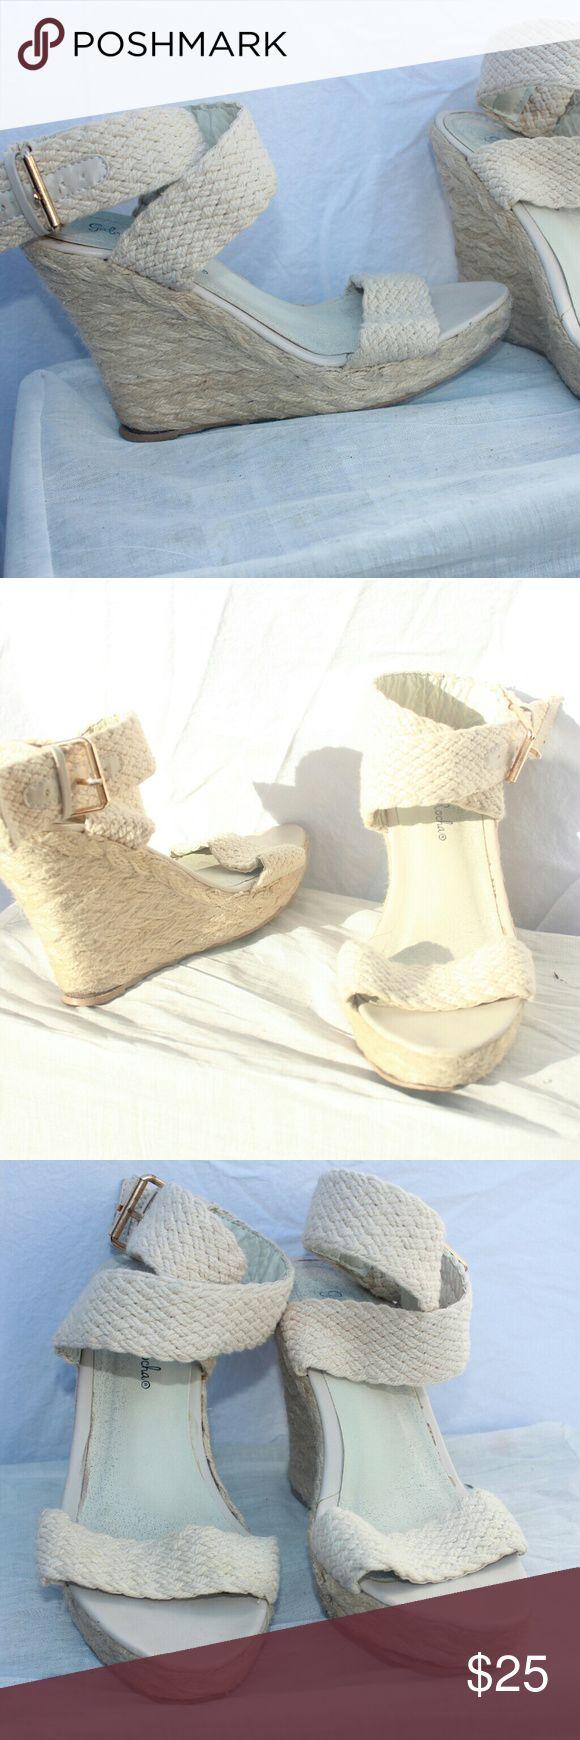 Gabriella rocha wedges Good condition Wrap around the ankle Gabriella Rocha Shoes Wedges